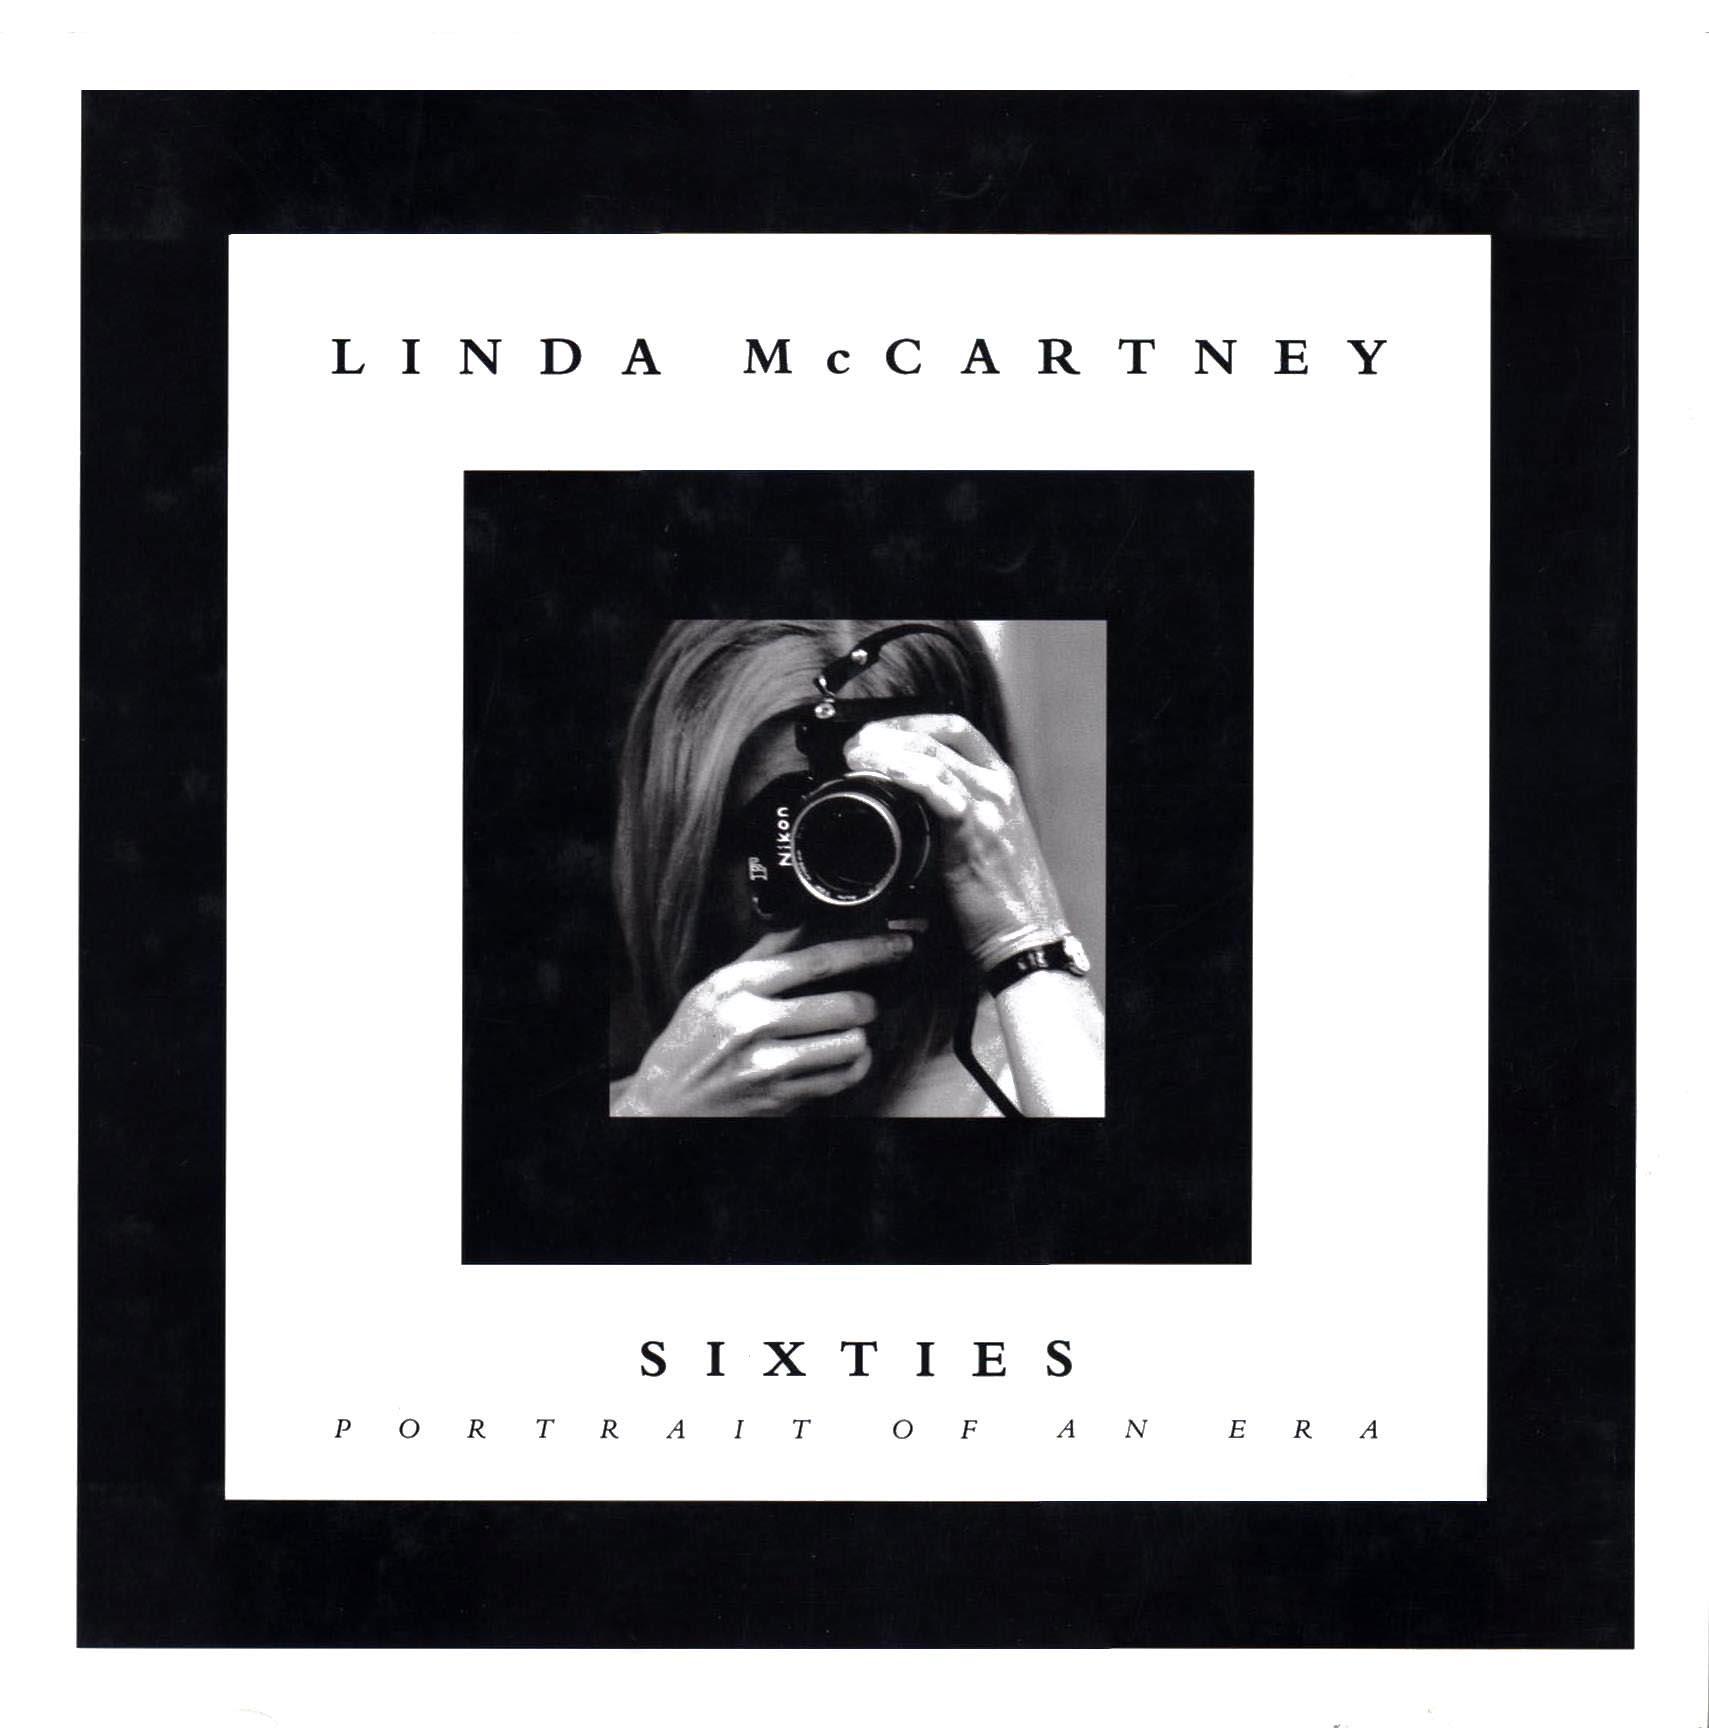 Linda McCartney's Sixties